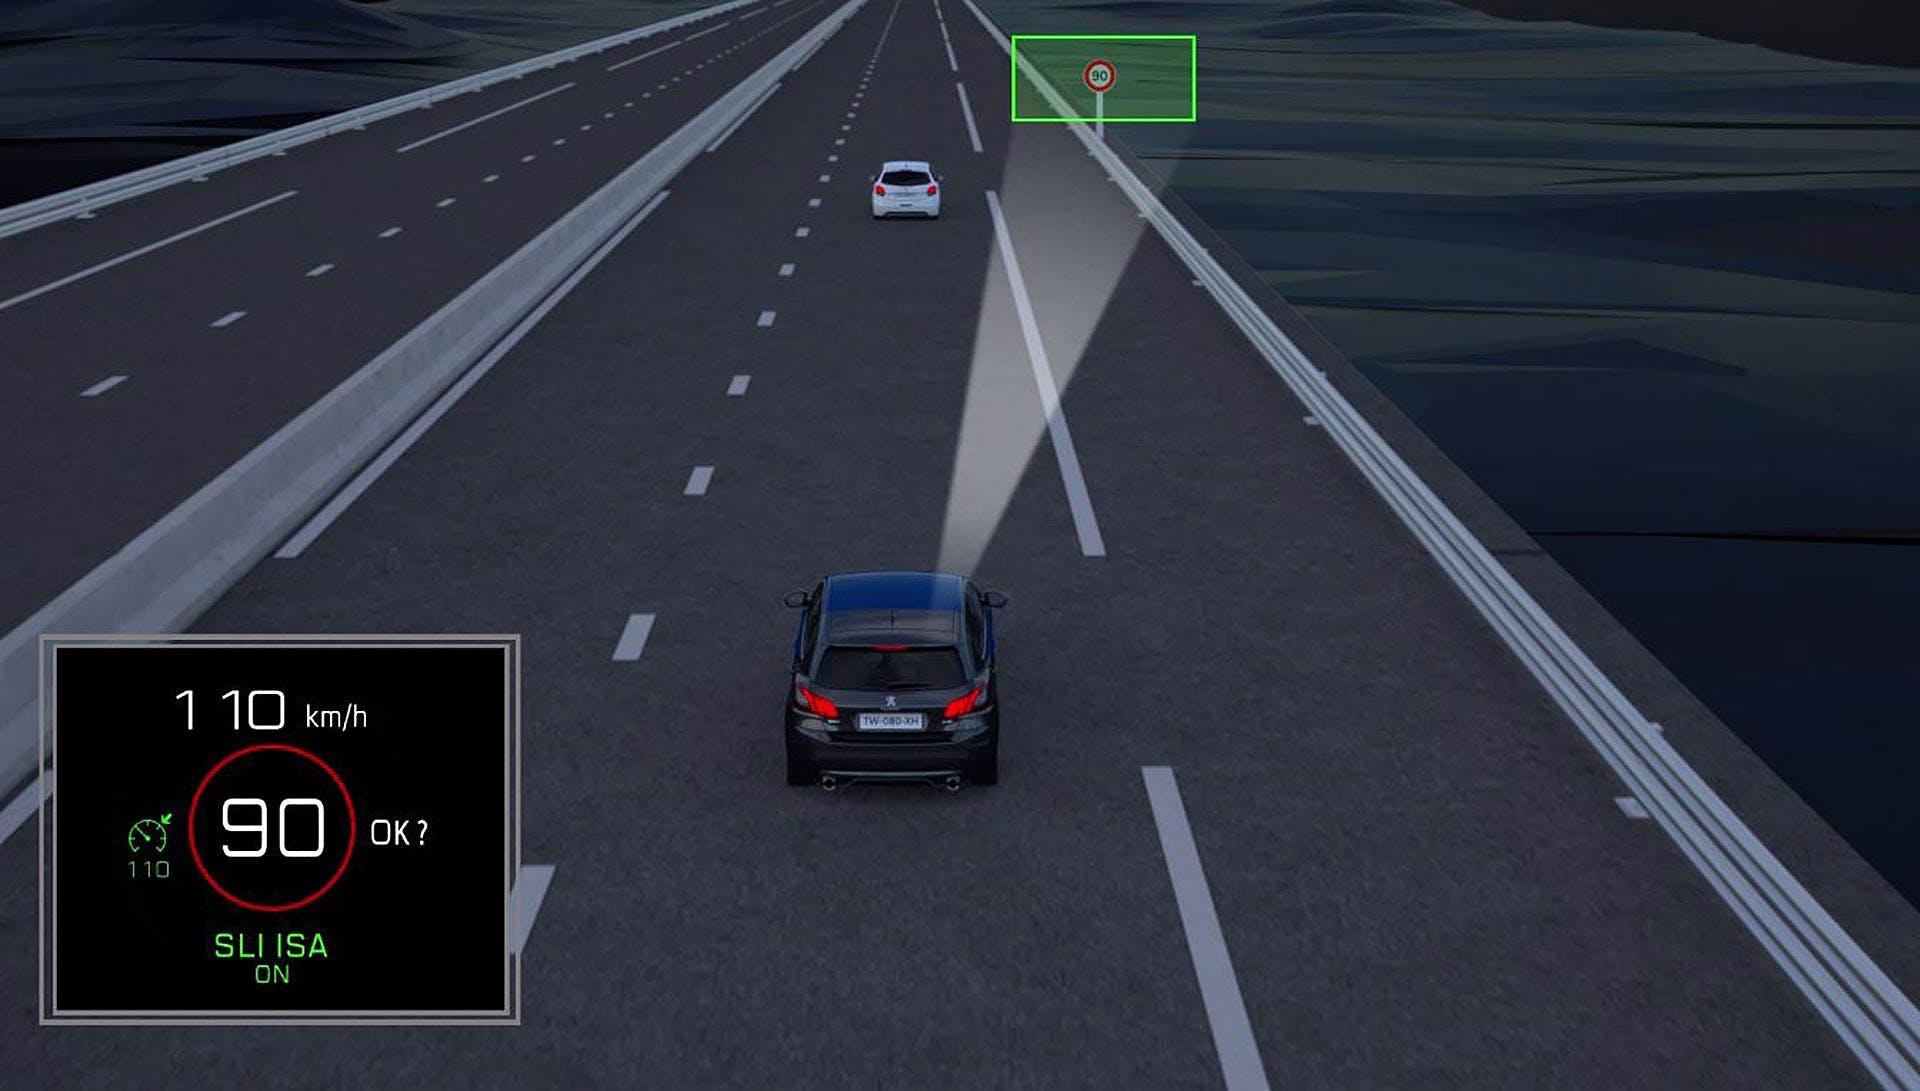 Segnale che indica il limite di velocità